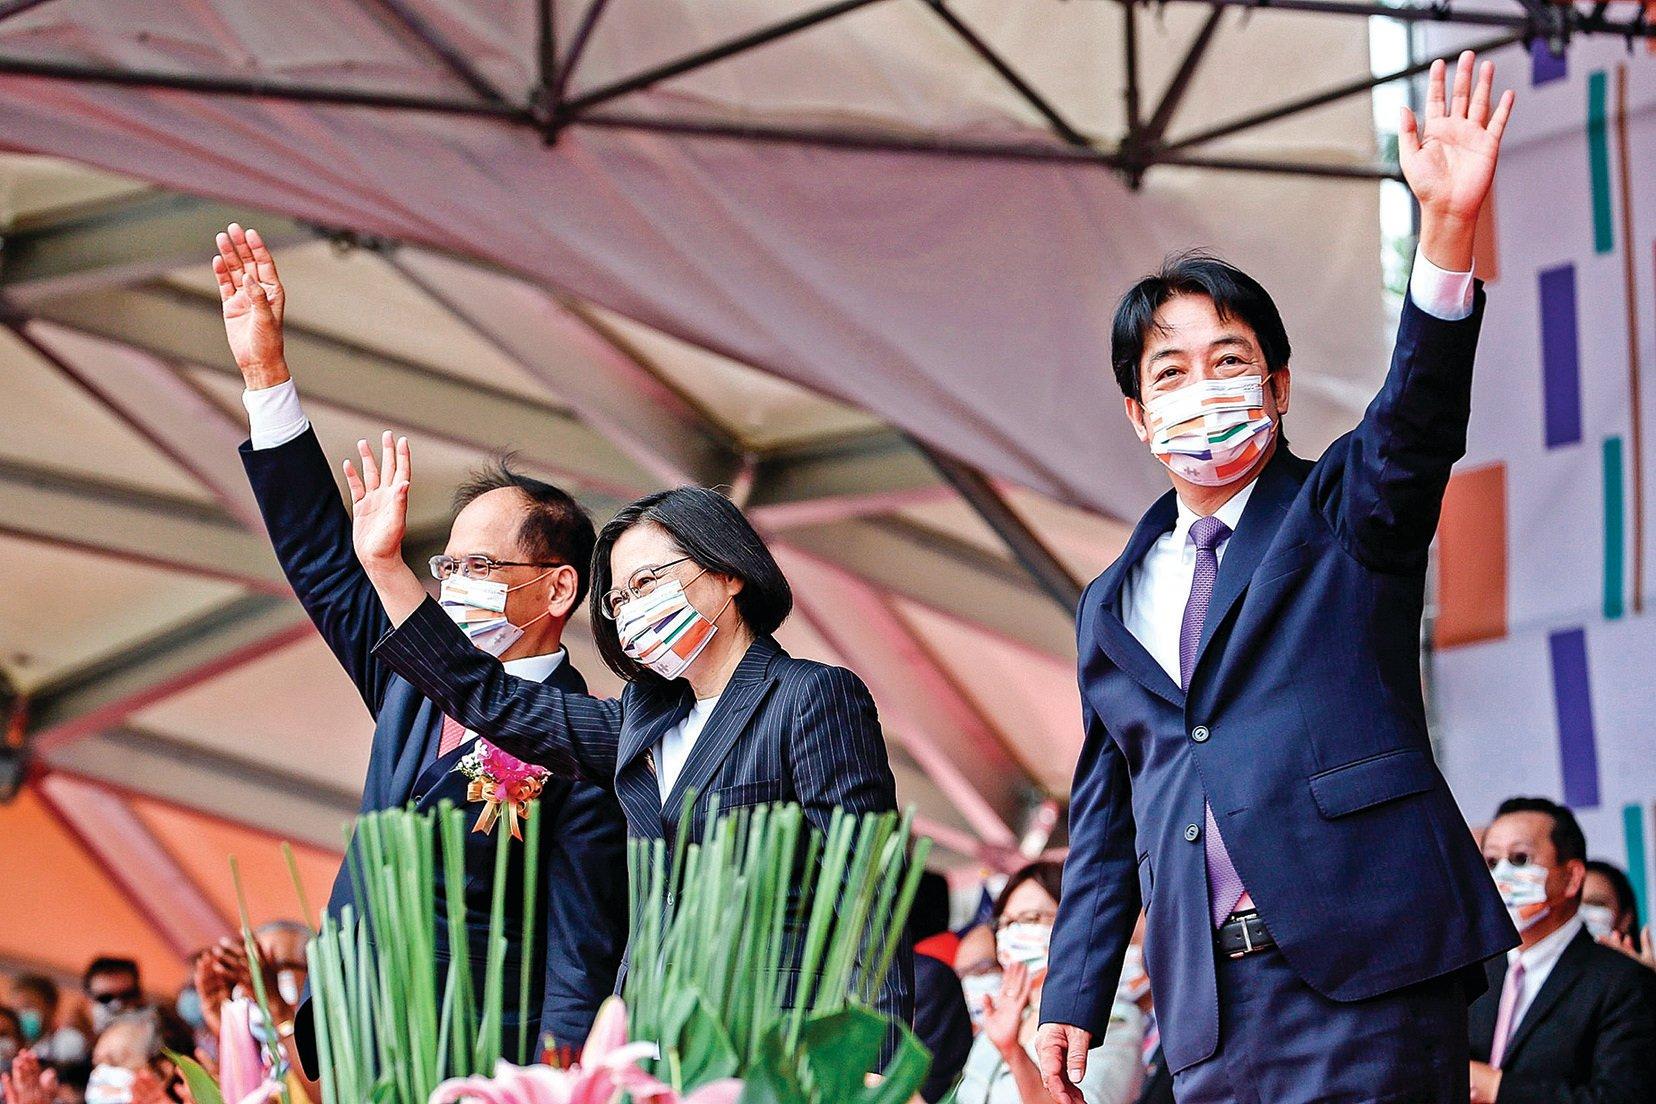 中華民國中樞暨各界慶祝109年國慶大會。總統蔡英文(中)發表講話,讓中共惱怒。(中華民國總統府提供)